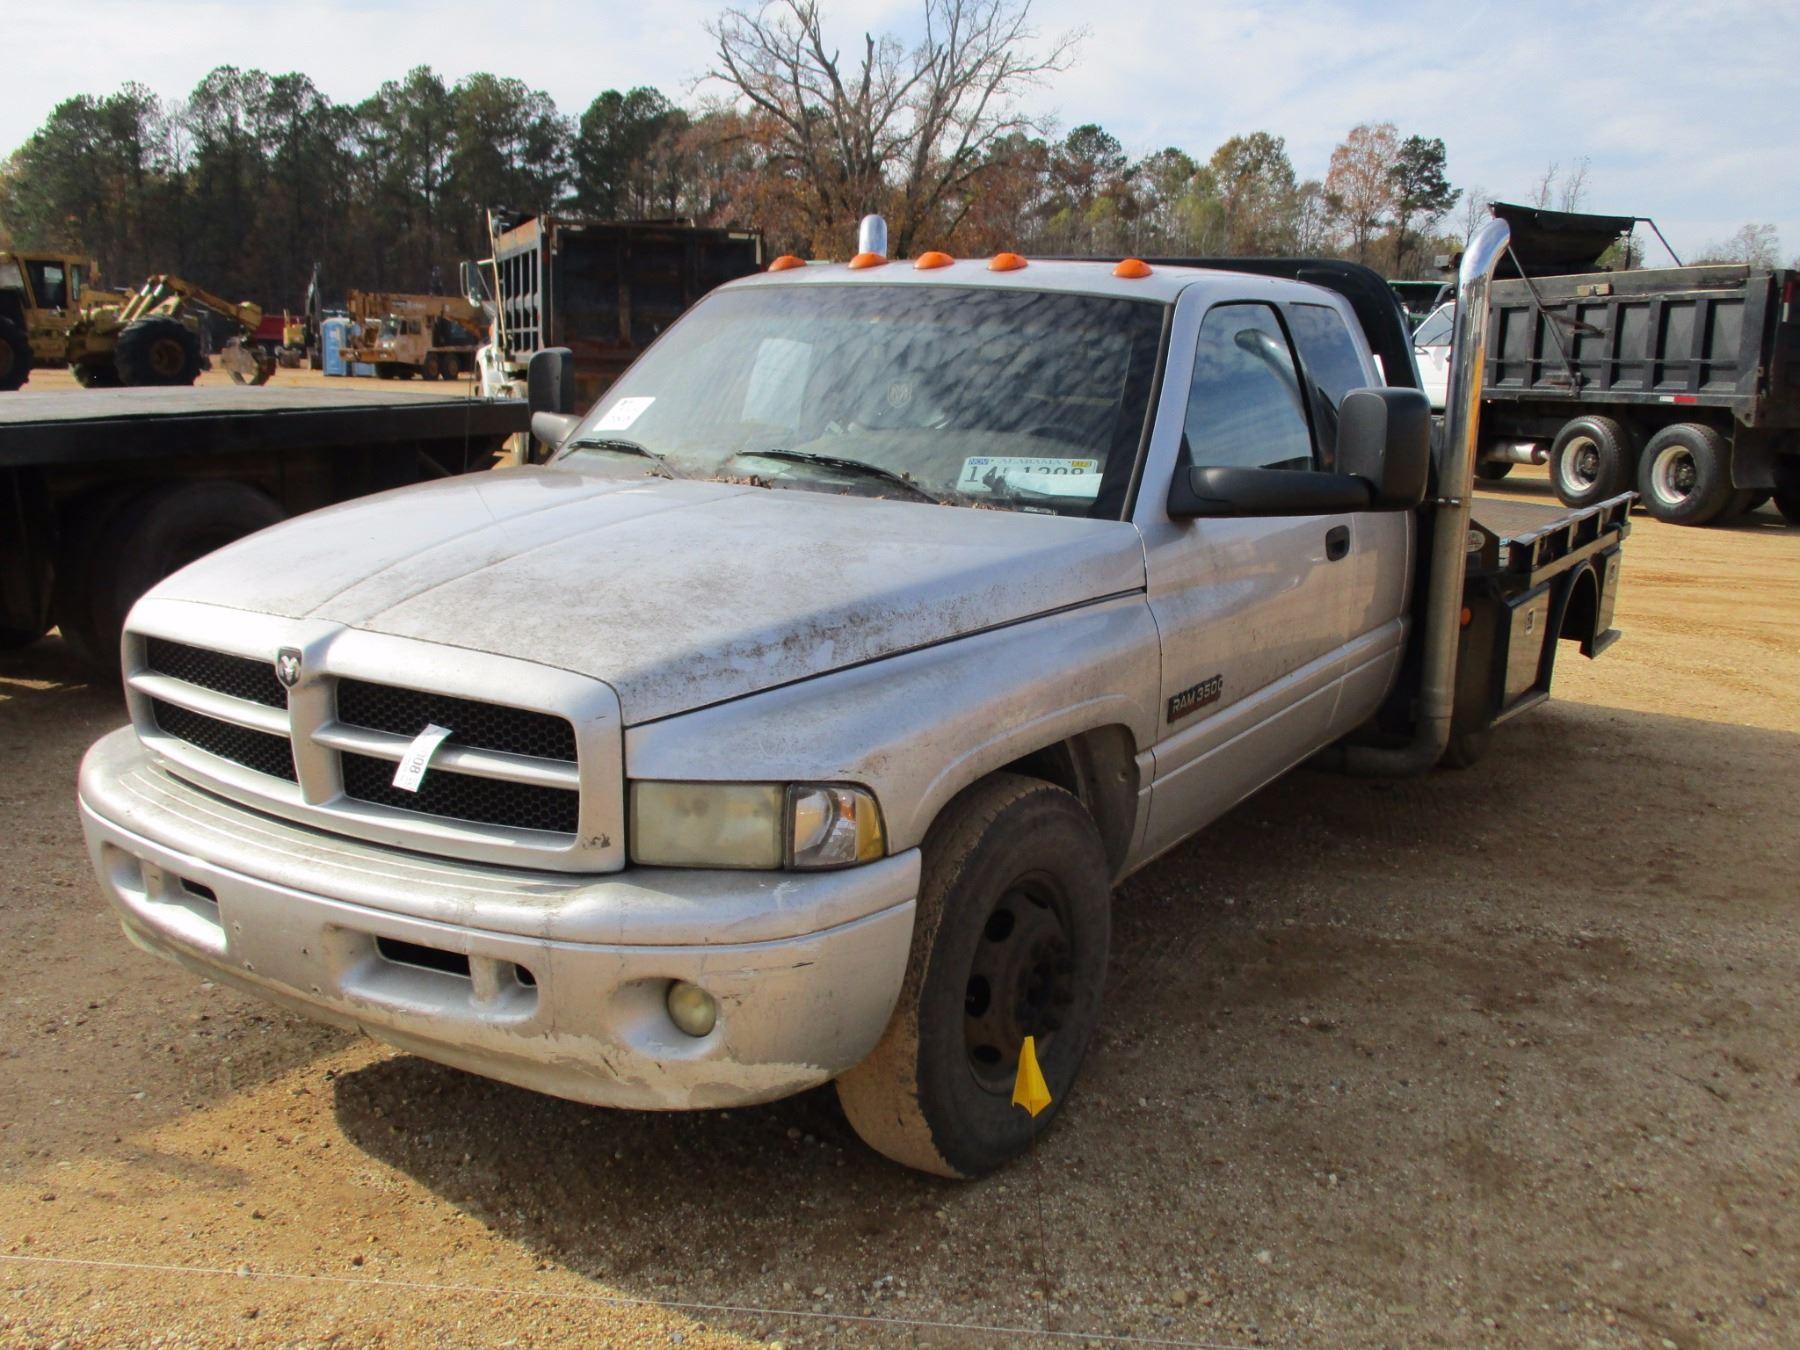 2001 Dodge Ram 3500 Flatbed Truck Vin Sn 1b7mc33781j556524 Ext Cab Cummins Turbo Diesel Engine